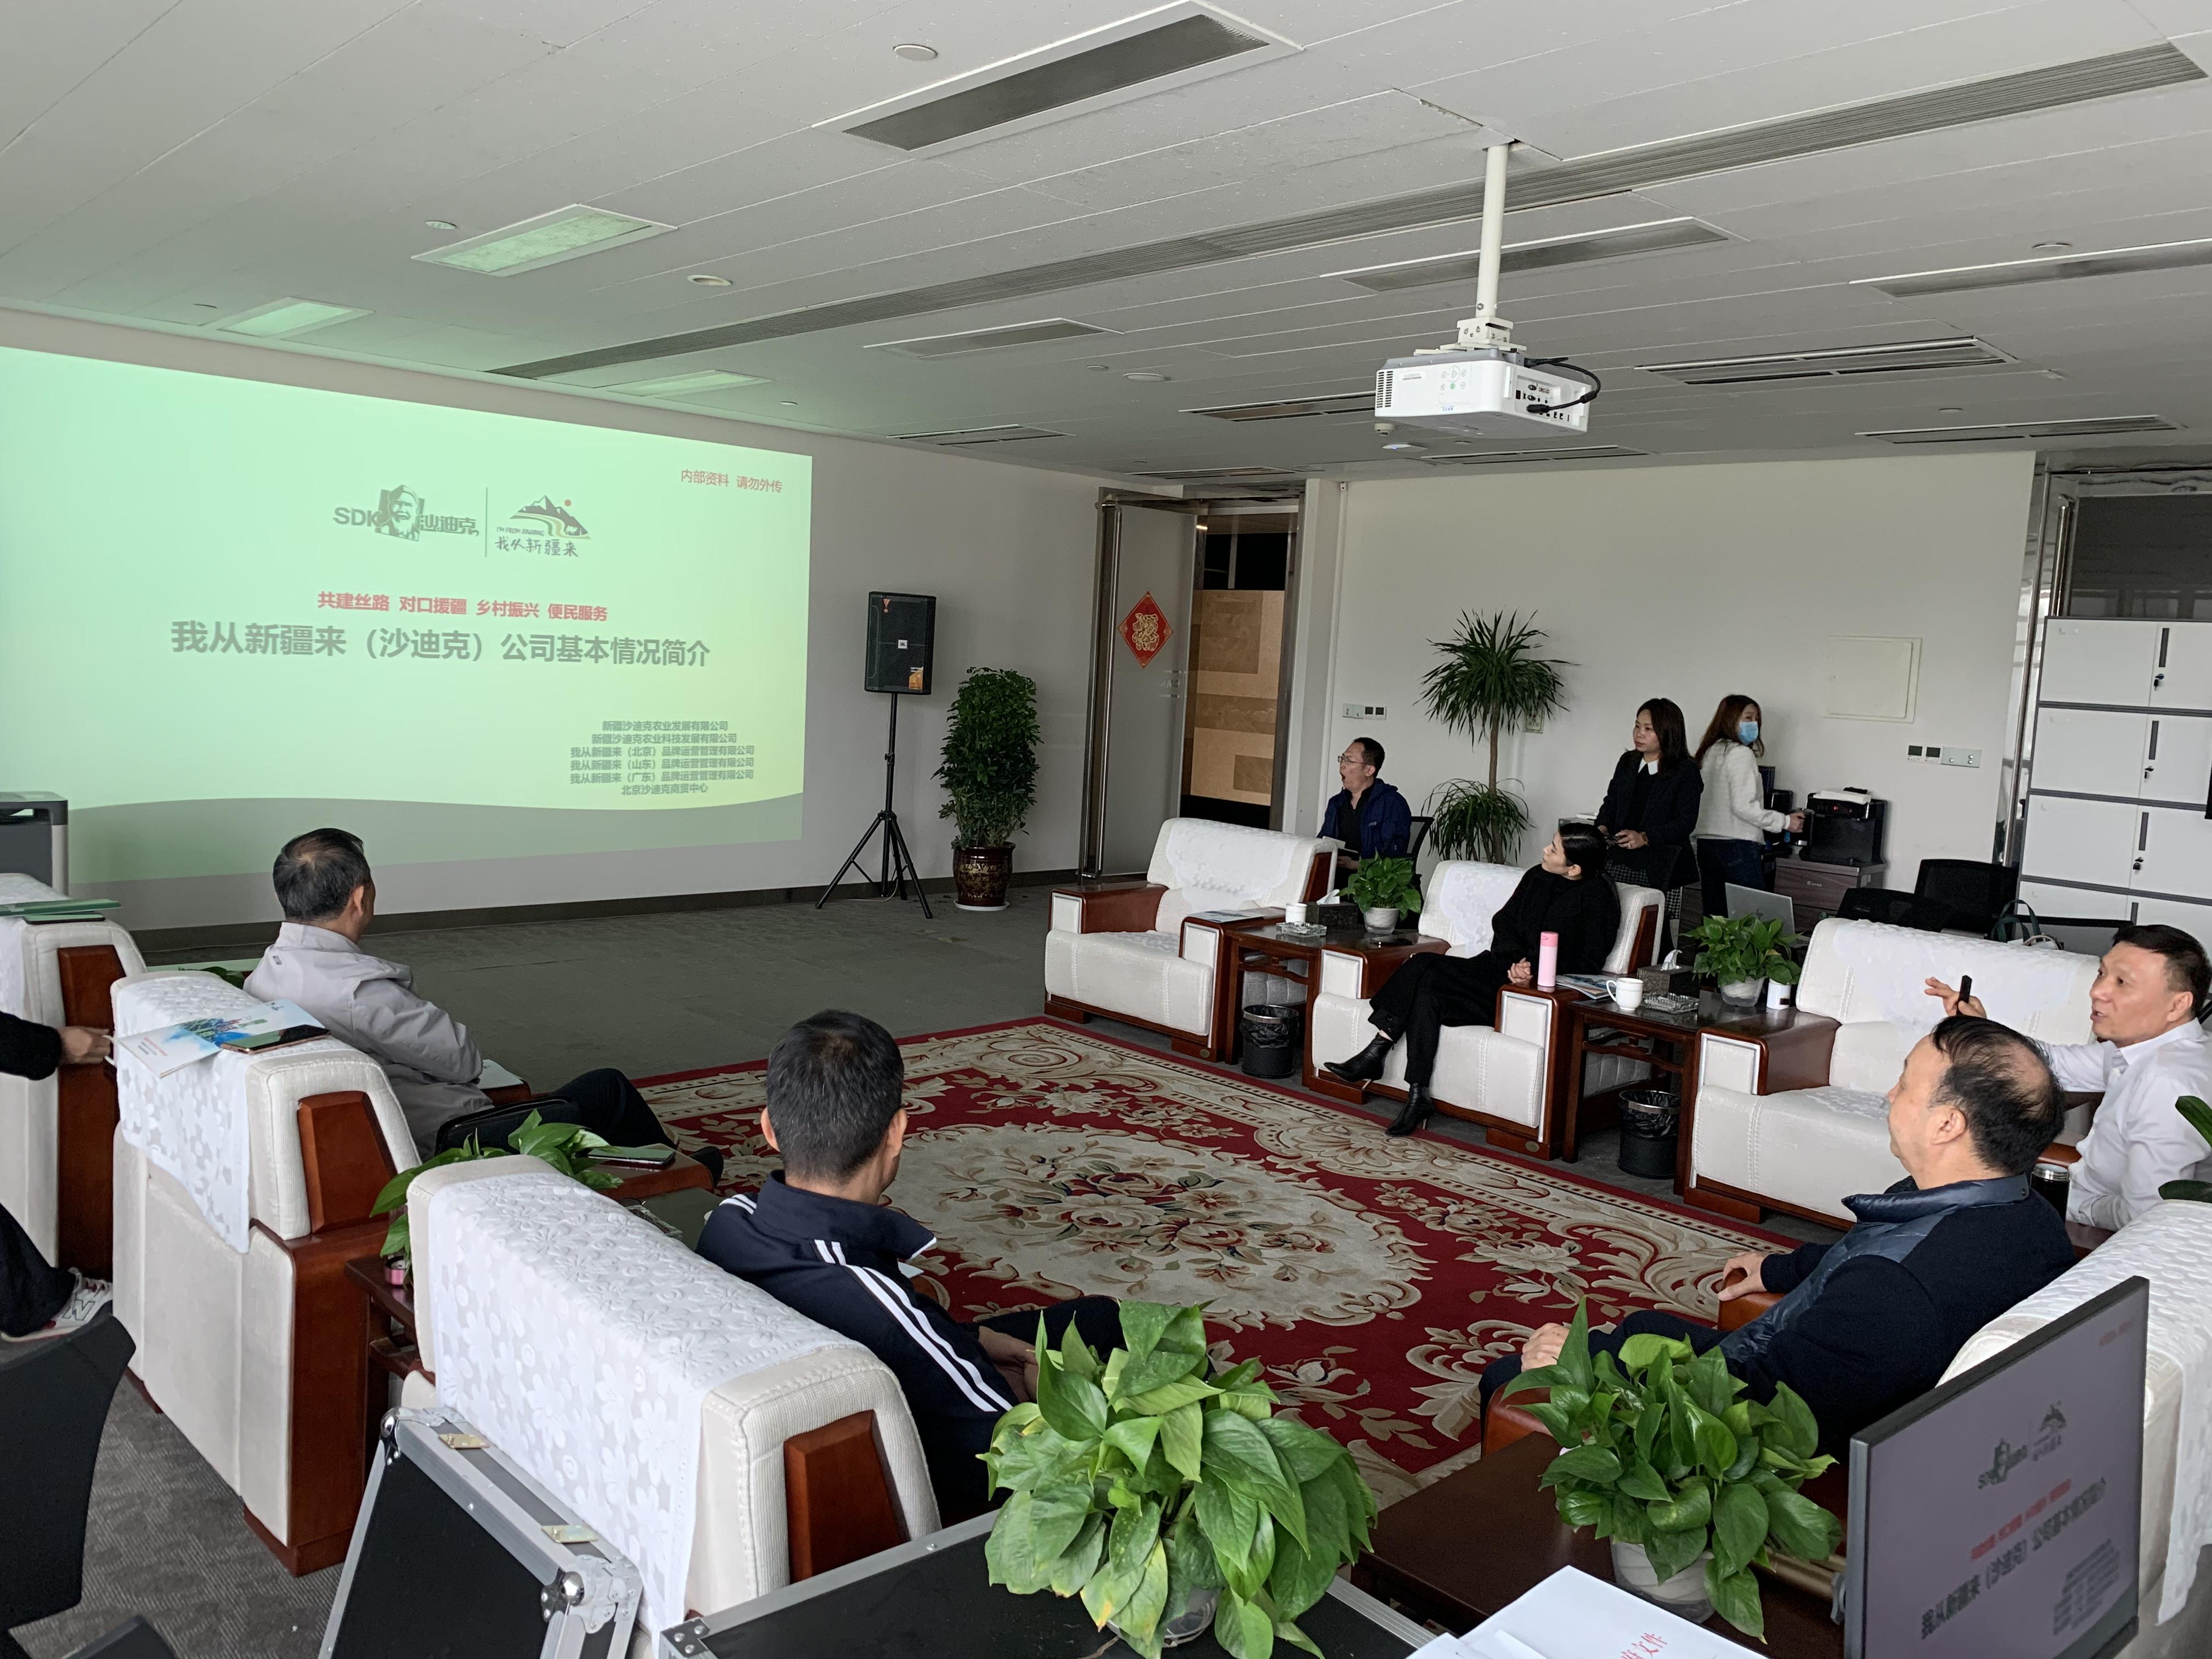 助力新疆乡村振兴 | 新疆沙迪克公司与郑州手拉手集团开启合作